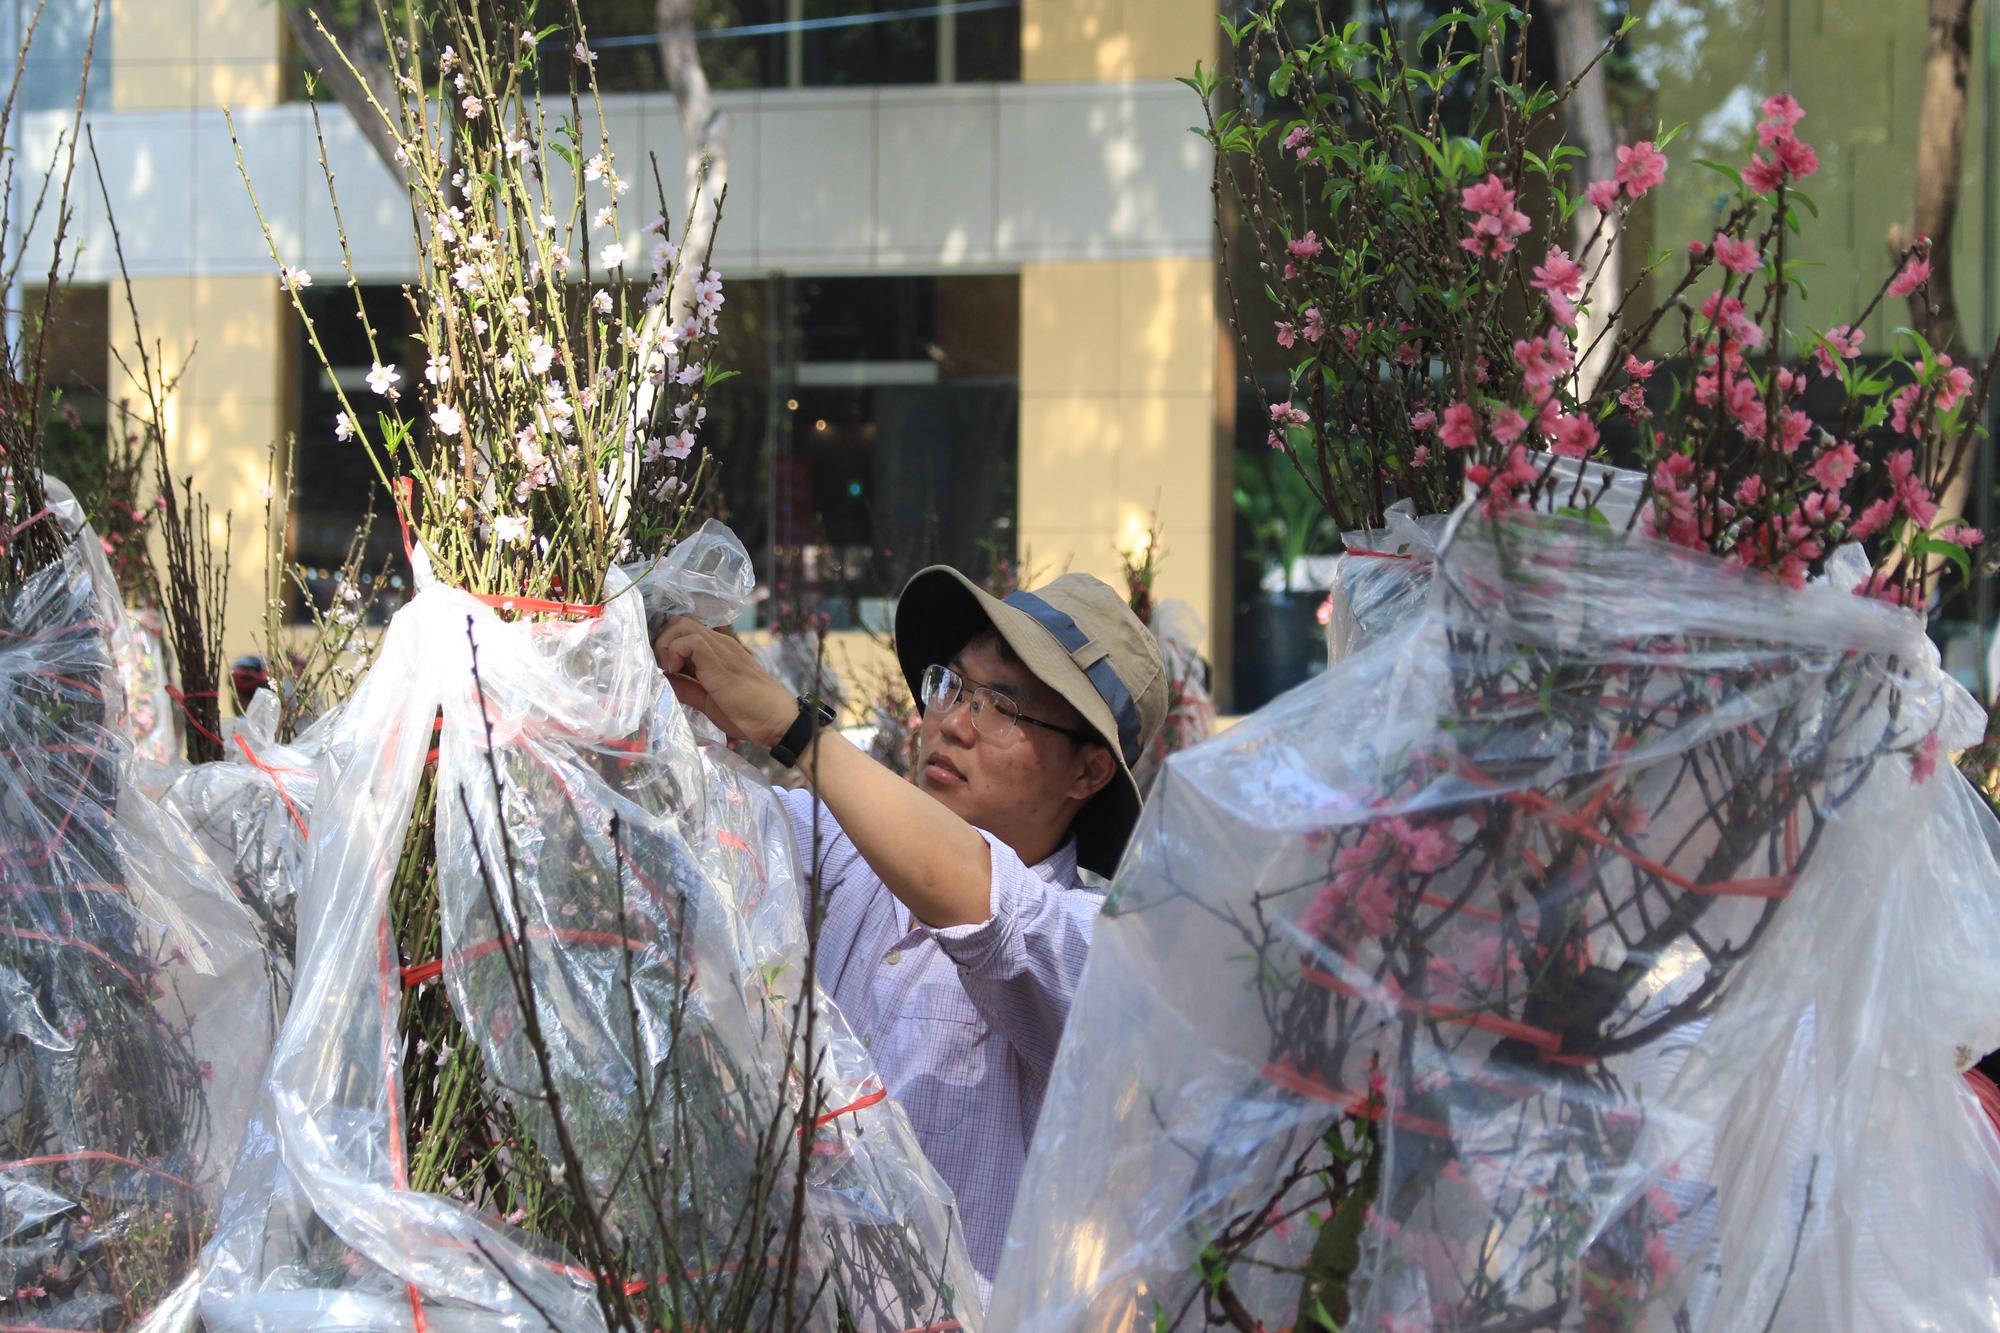 28 Tết, đào Nhật Tân tại chợ hoa Sài Gòn bắt đầu giảm giá, thuận mua vừa bán nên hút khách - Ảnh 8.